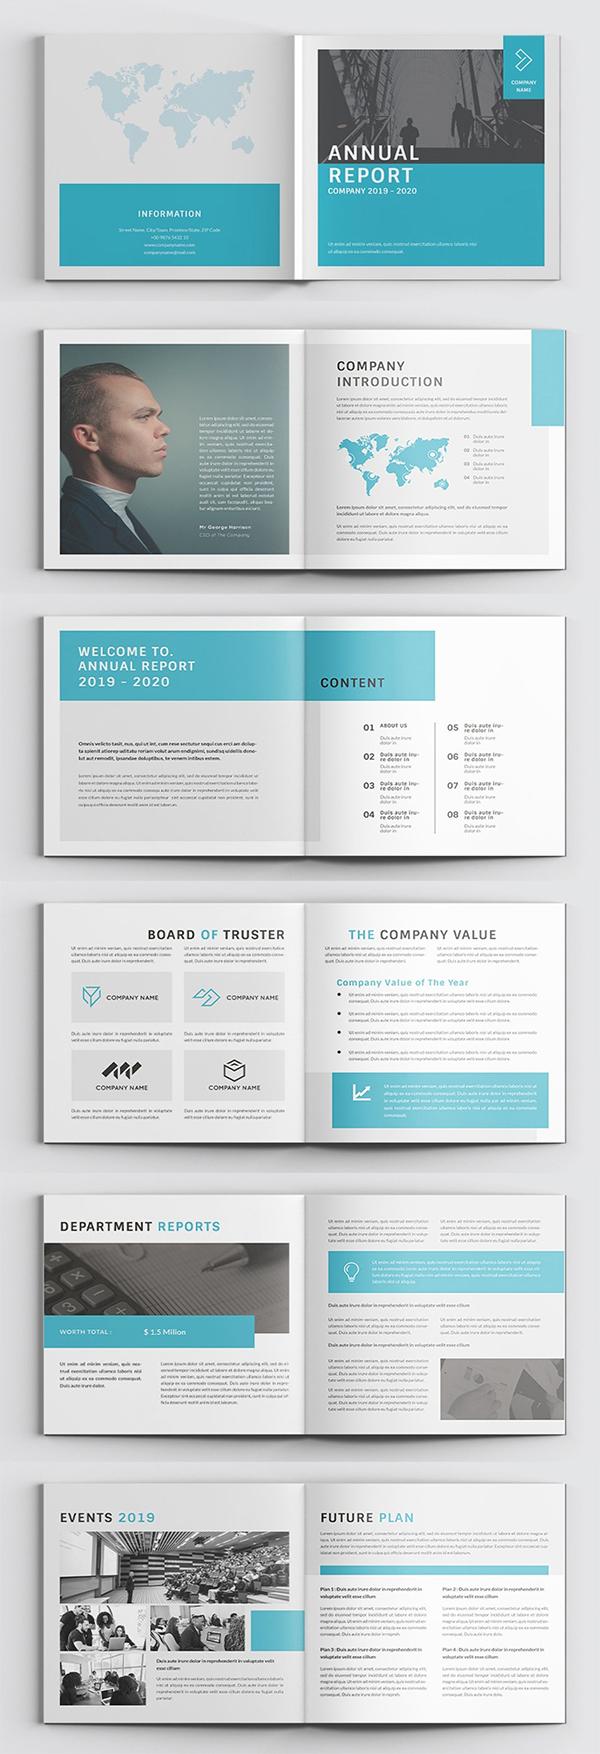 Green Square Annual Report